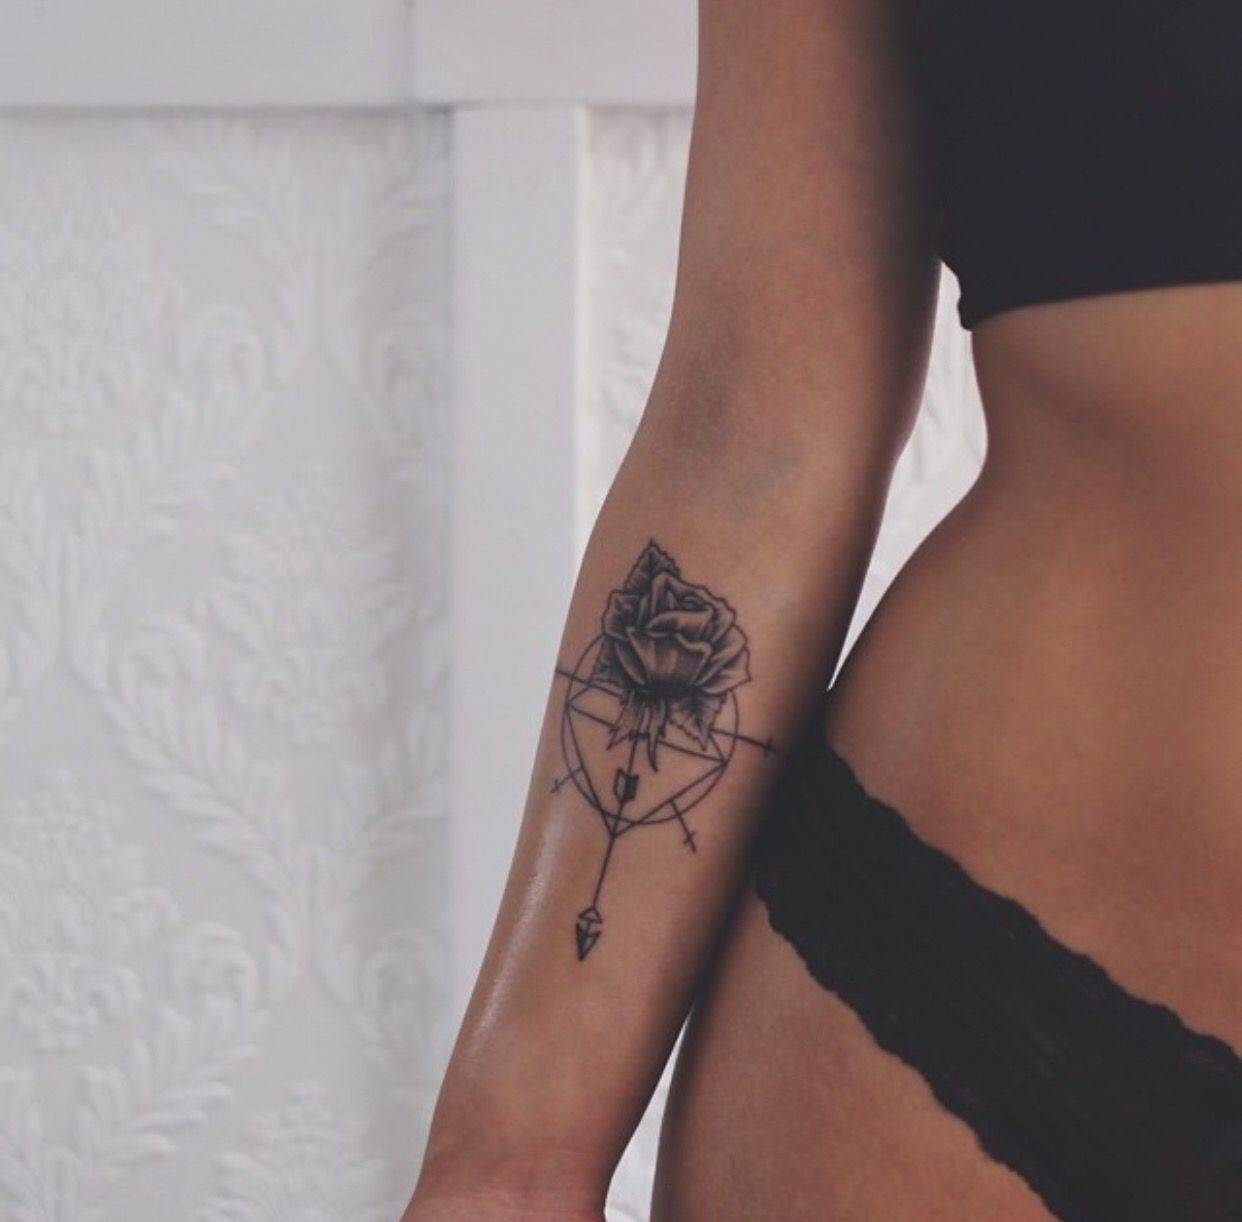 tatoveringer på underarmen